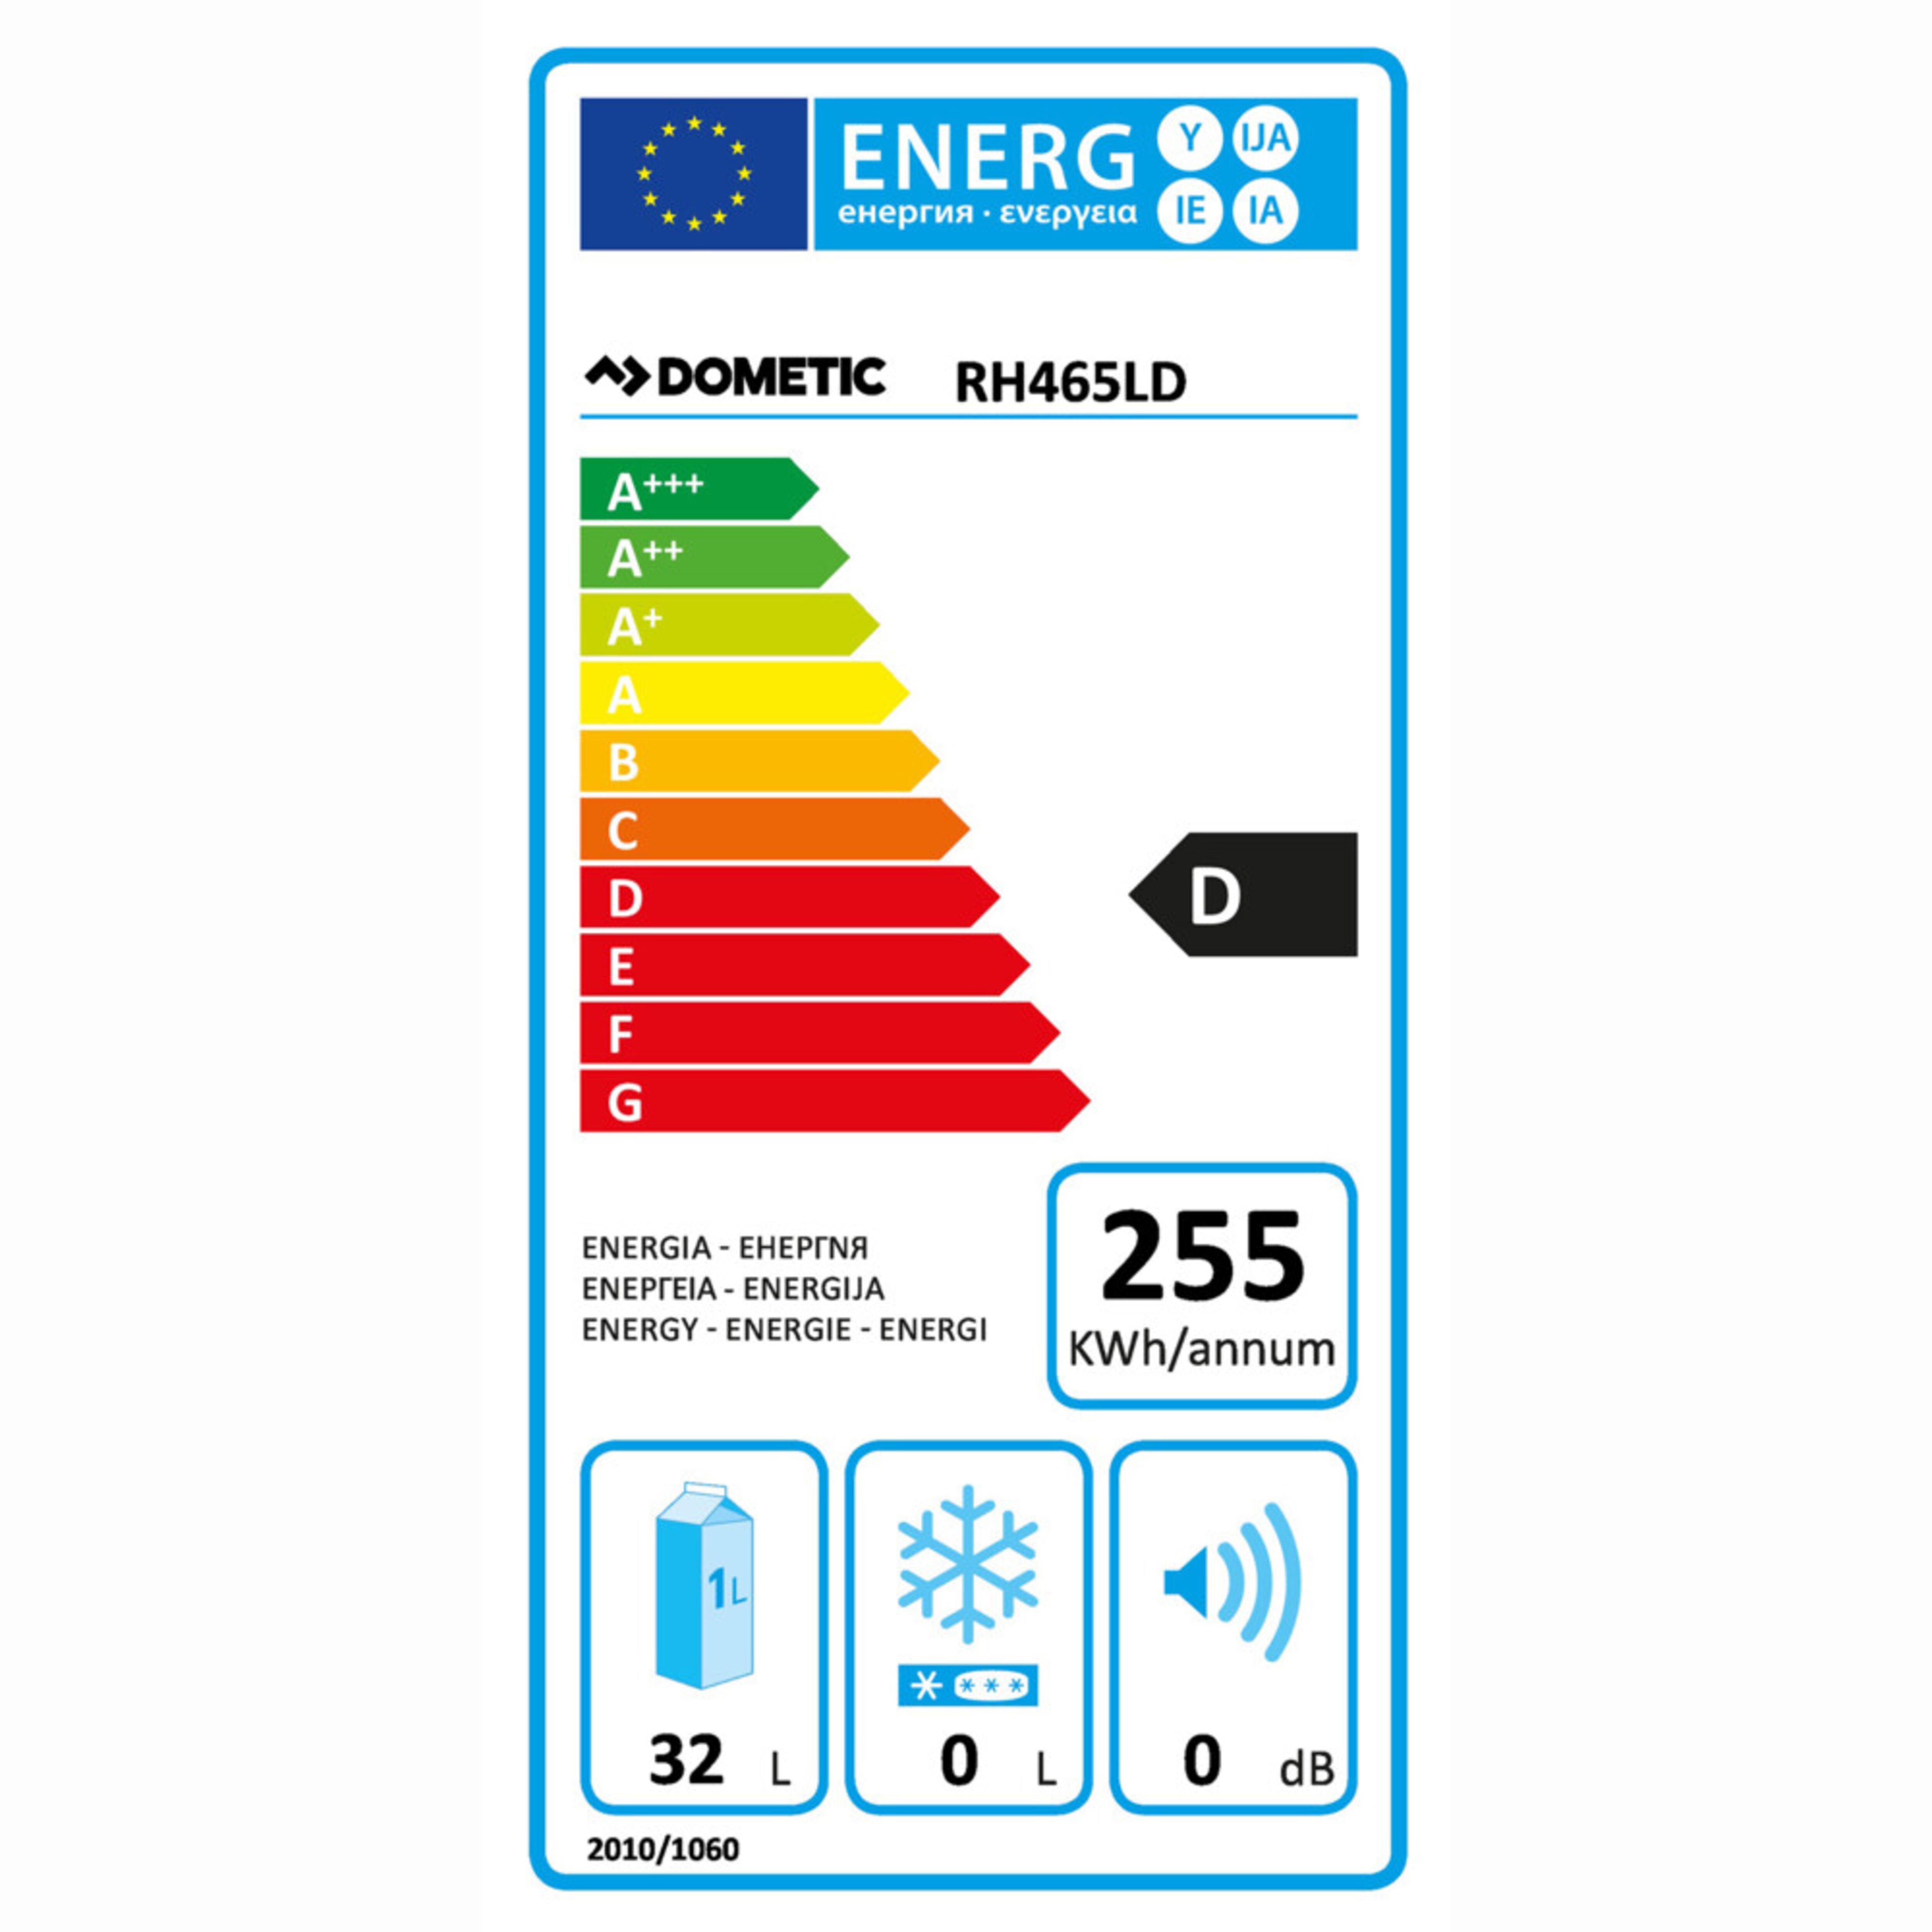 Dometic RH 465 LD Energiamerkki